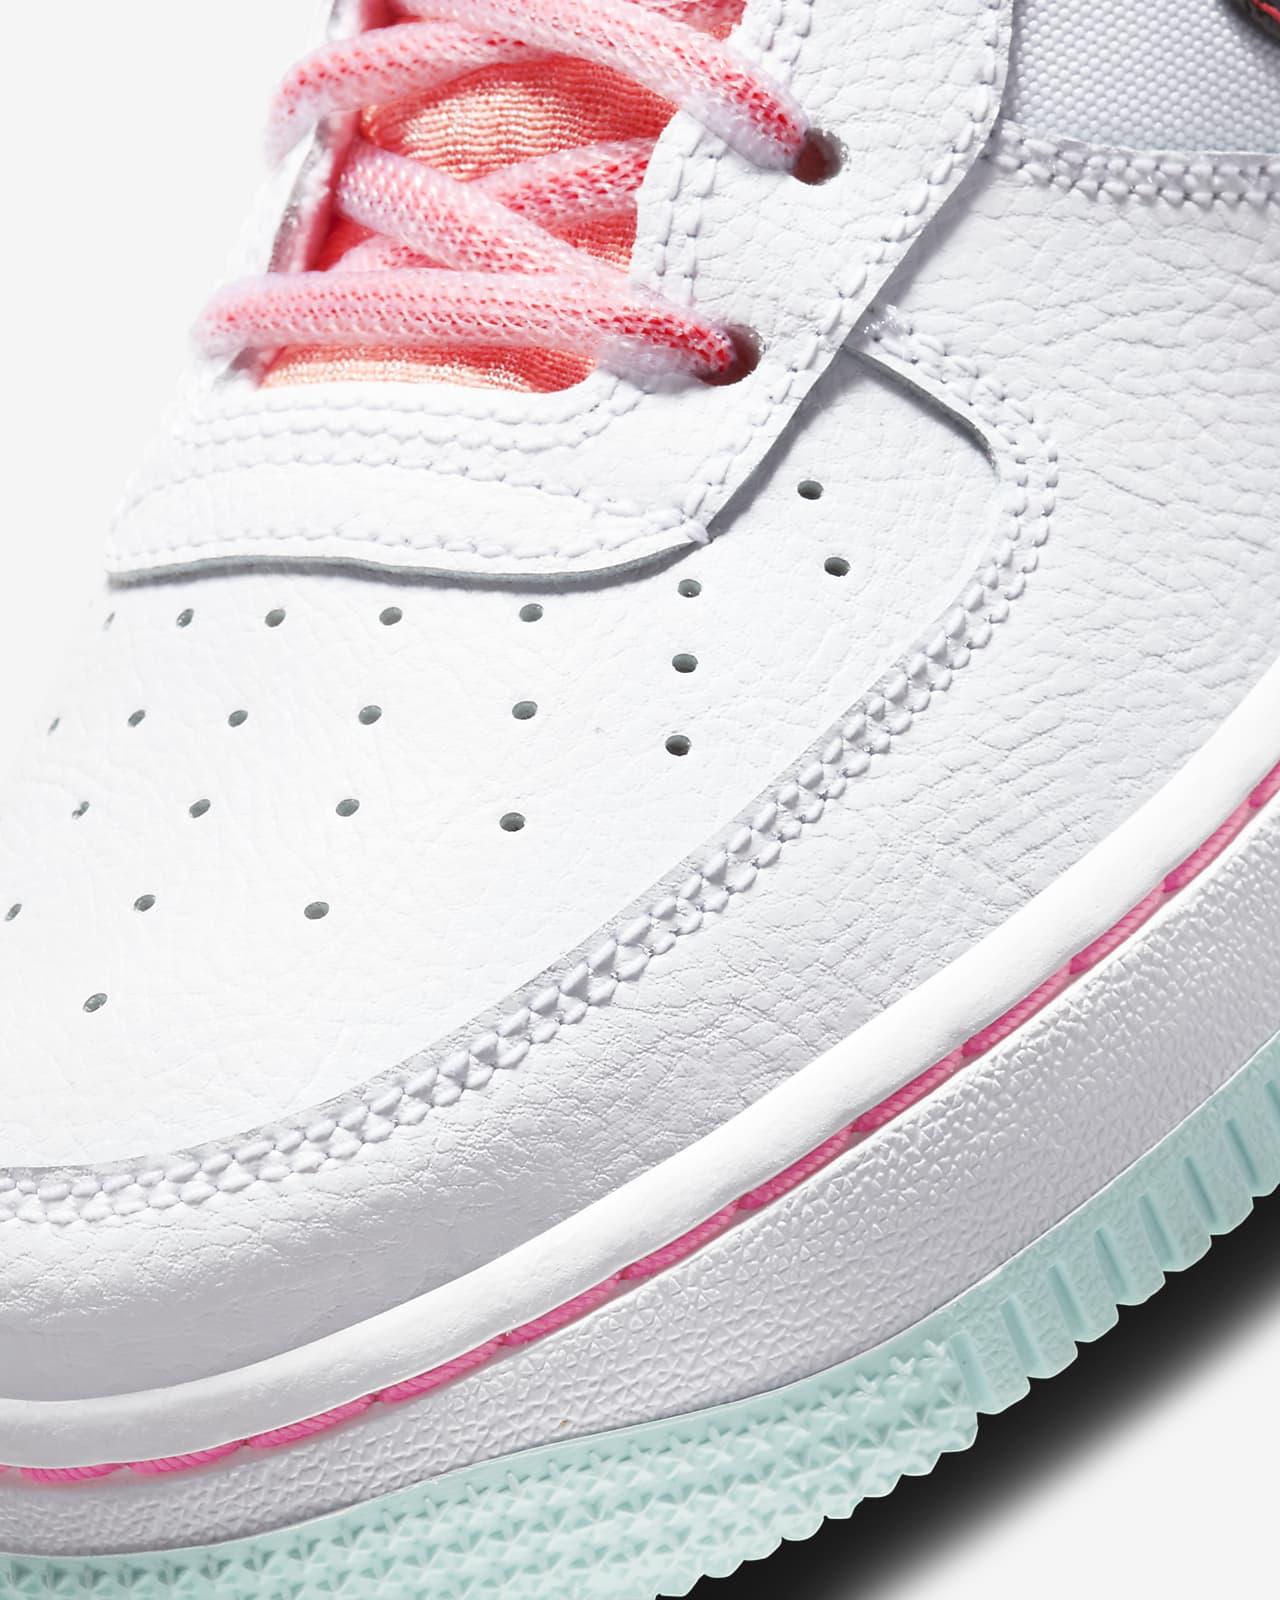 ナイキ エア フォース 1 ホワイト フラッシュ クリムゾン アトミック ピンク Nike Air Force 1 07 LV8 White Flash Crimson Atomic Pink DD7709-100 close toe